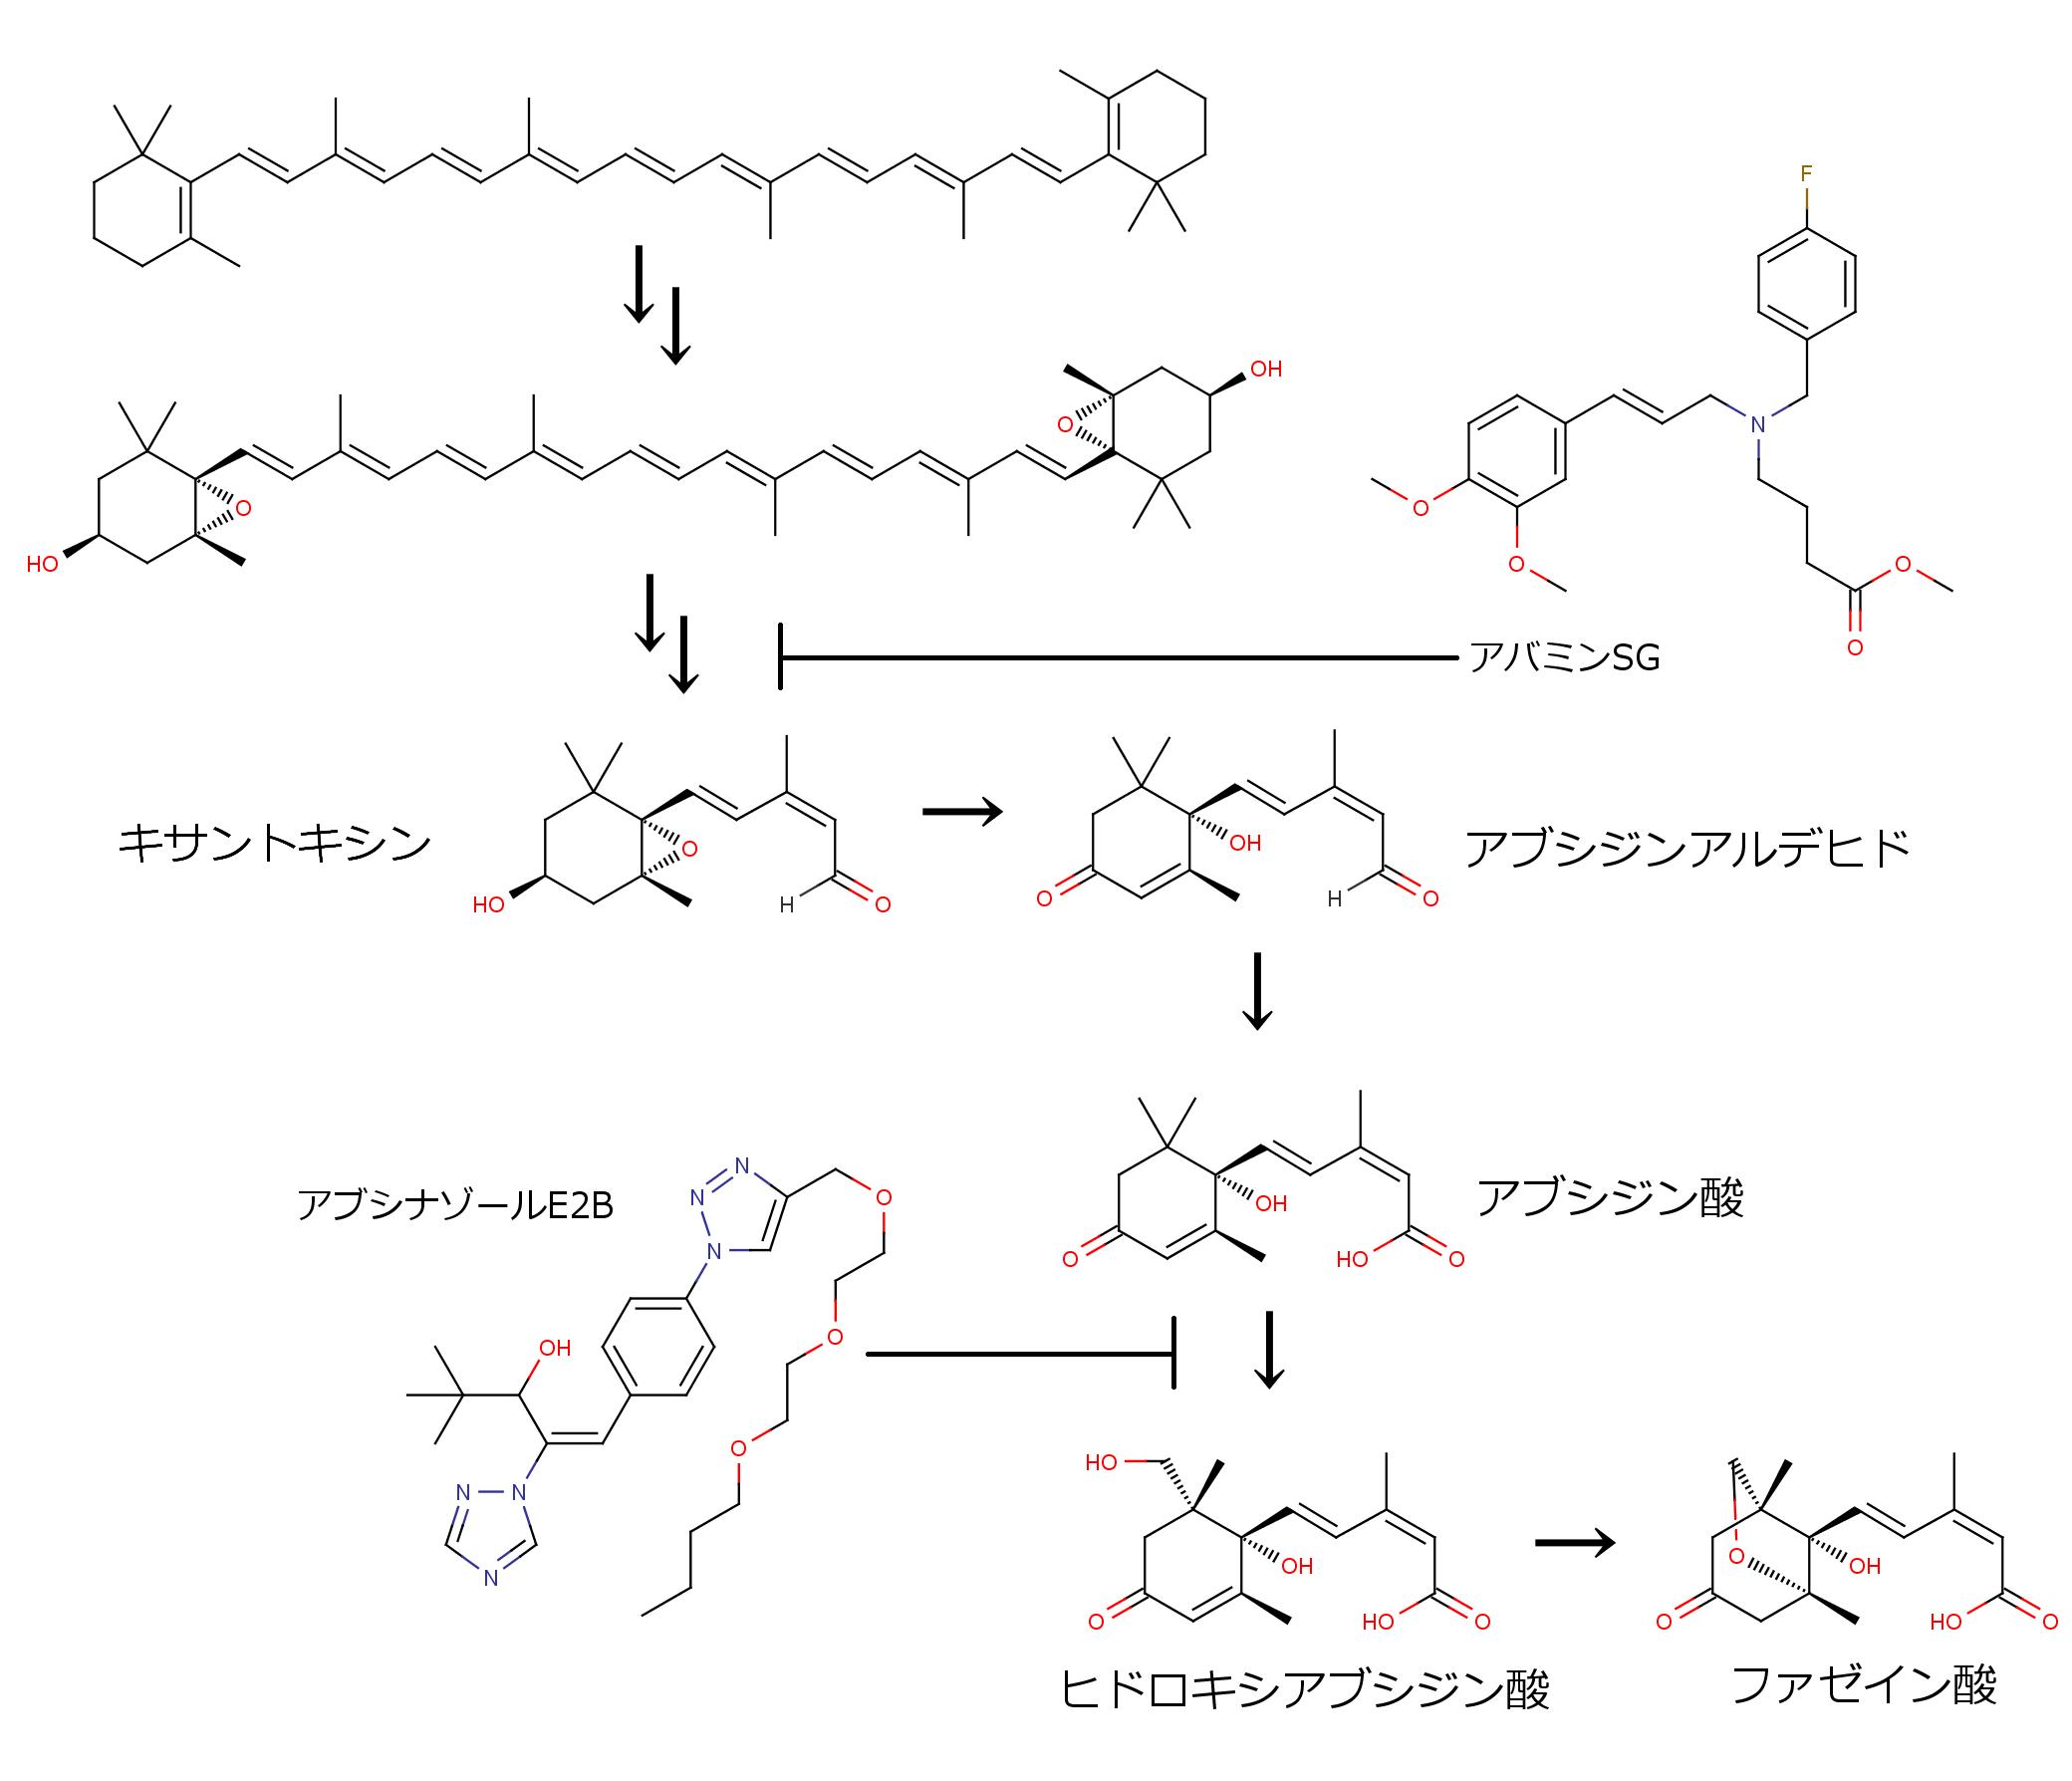 アブシジン酸